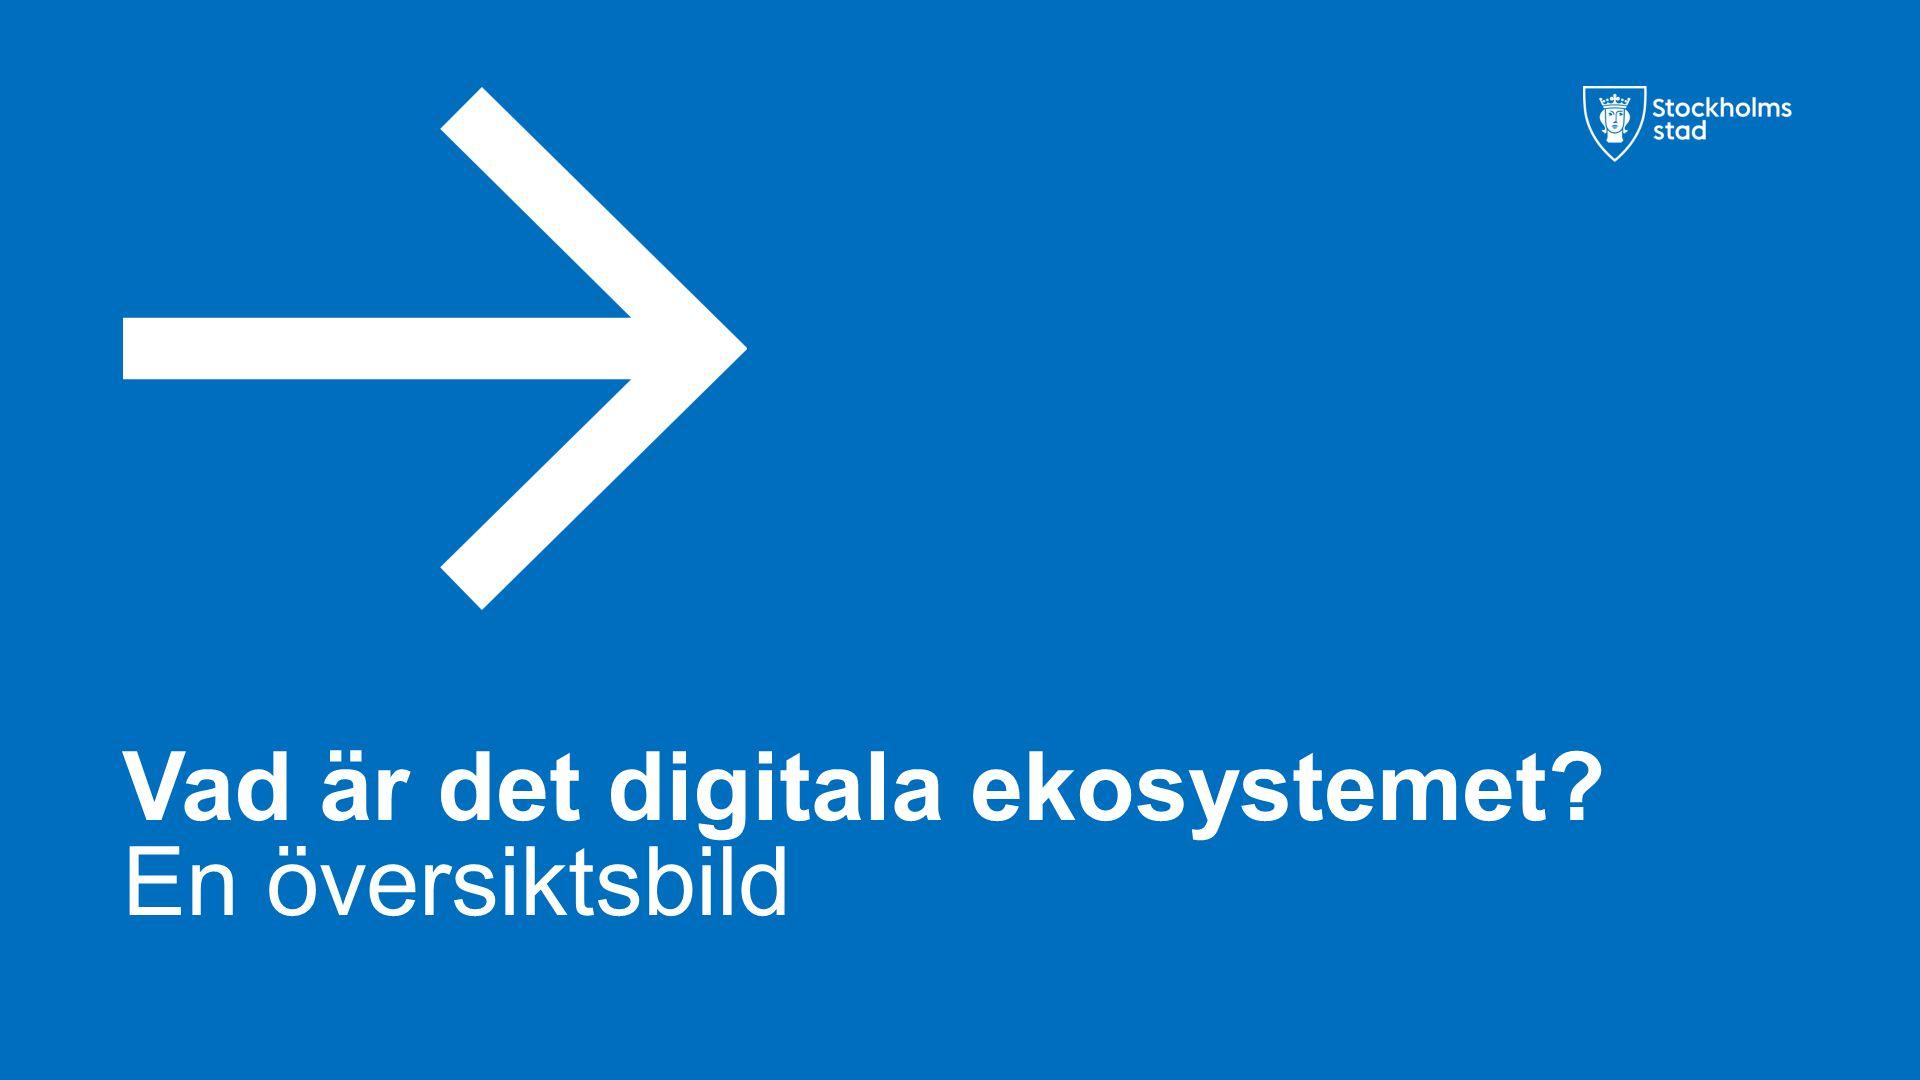 Vad är det digitala ekosystemet? En översiktsbild